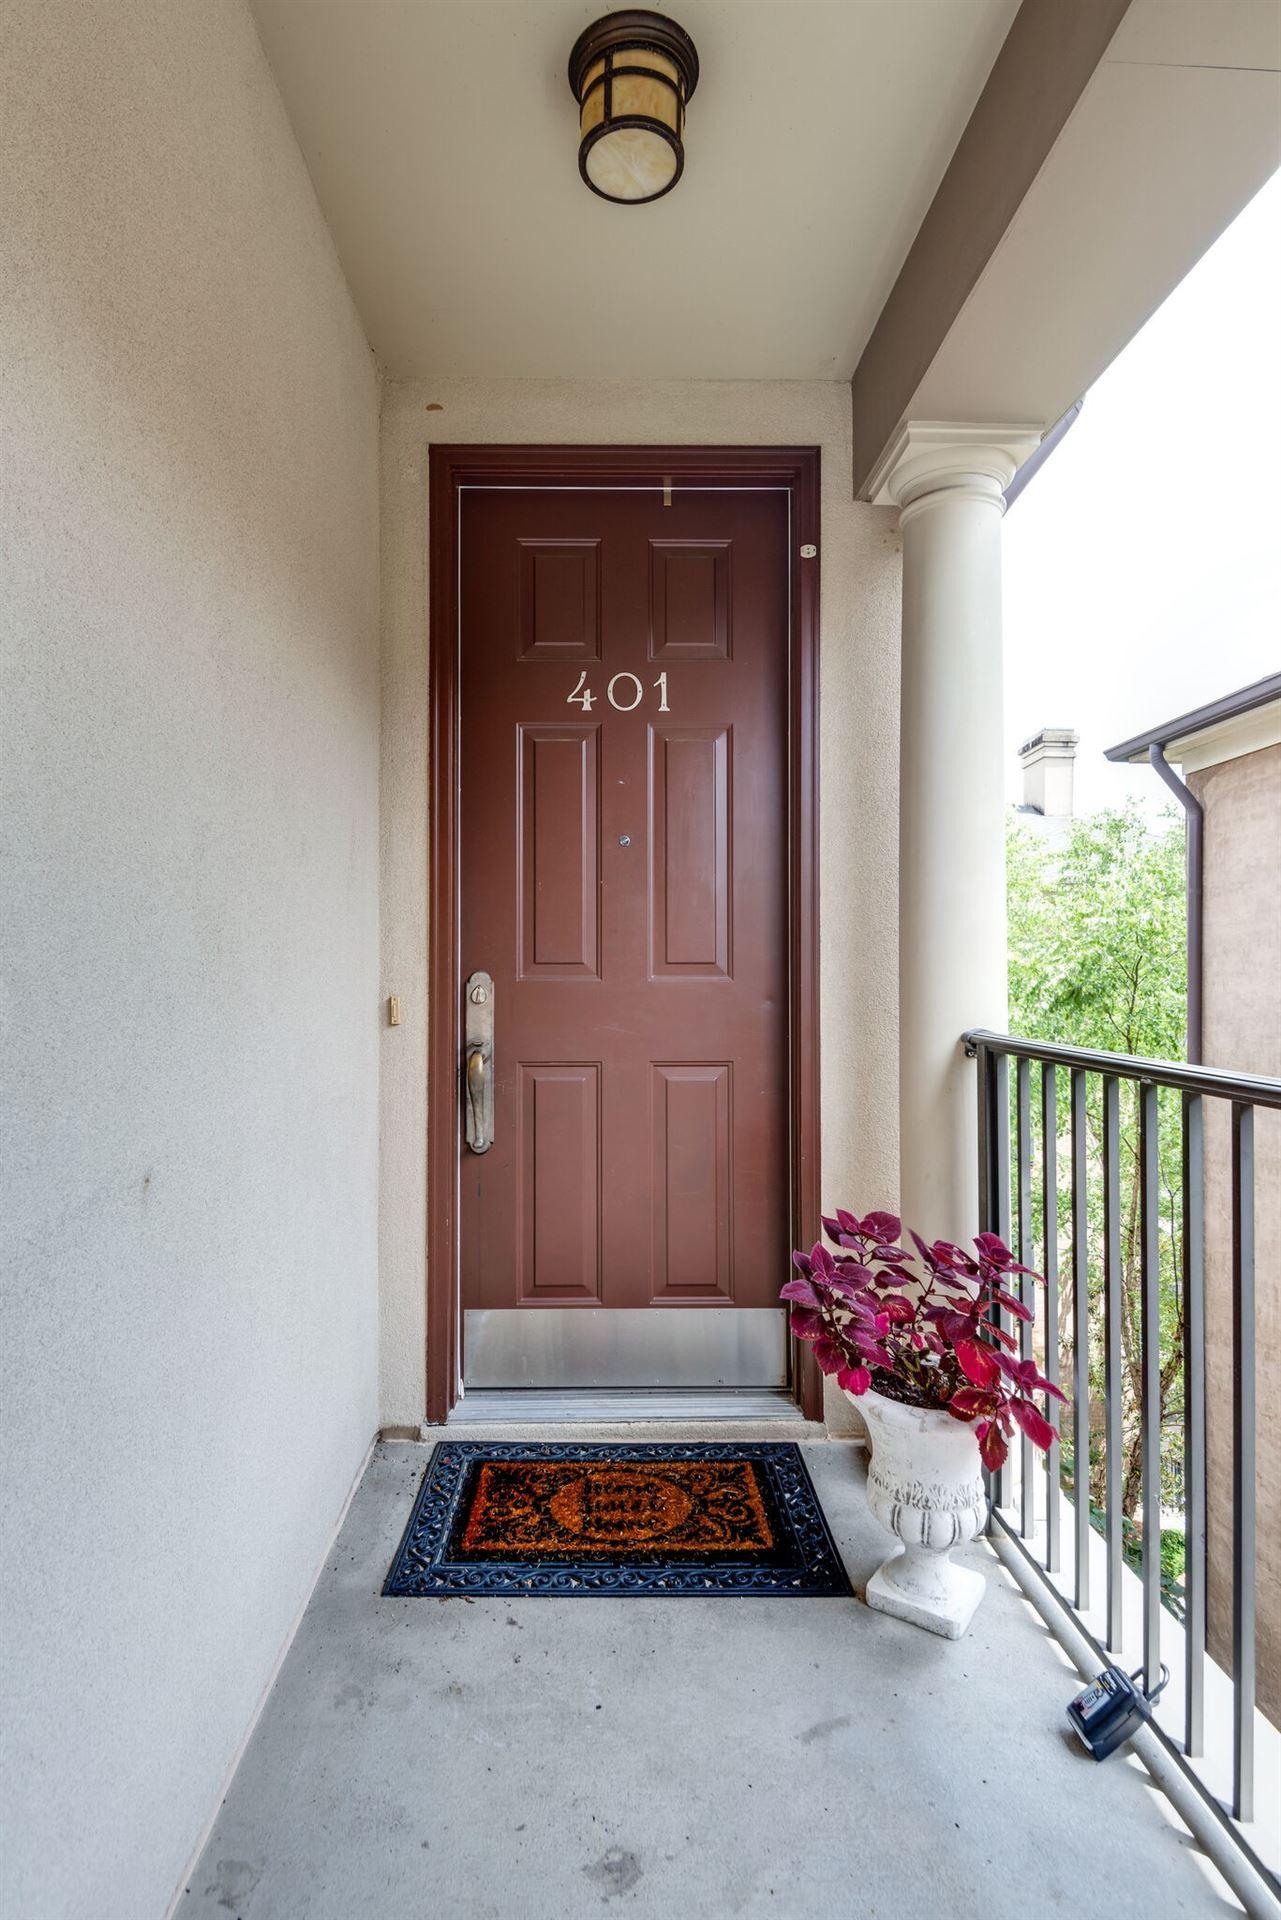 311 Seven Springs Way #401, Brentwood, TN 37027 - MLS#: 2164812